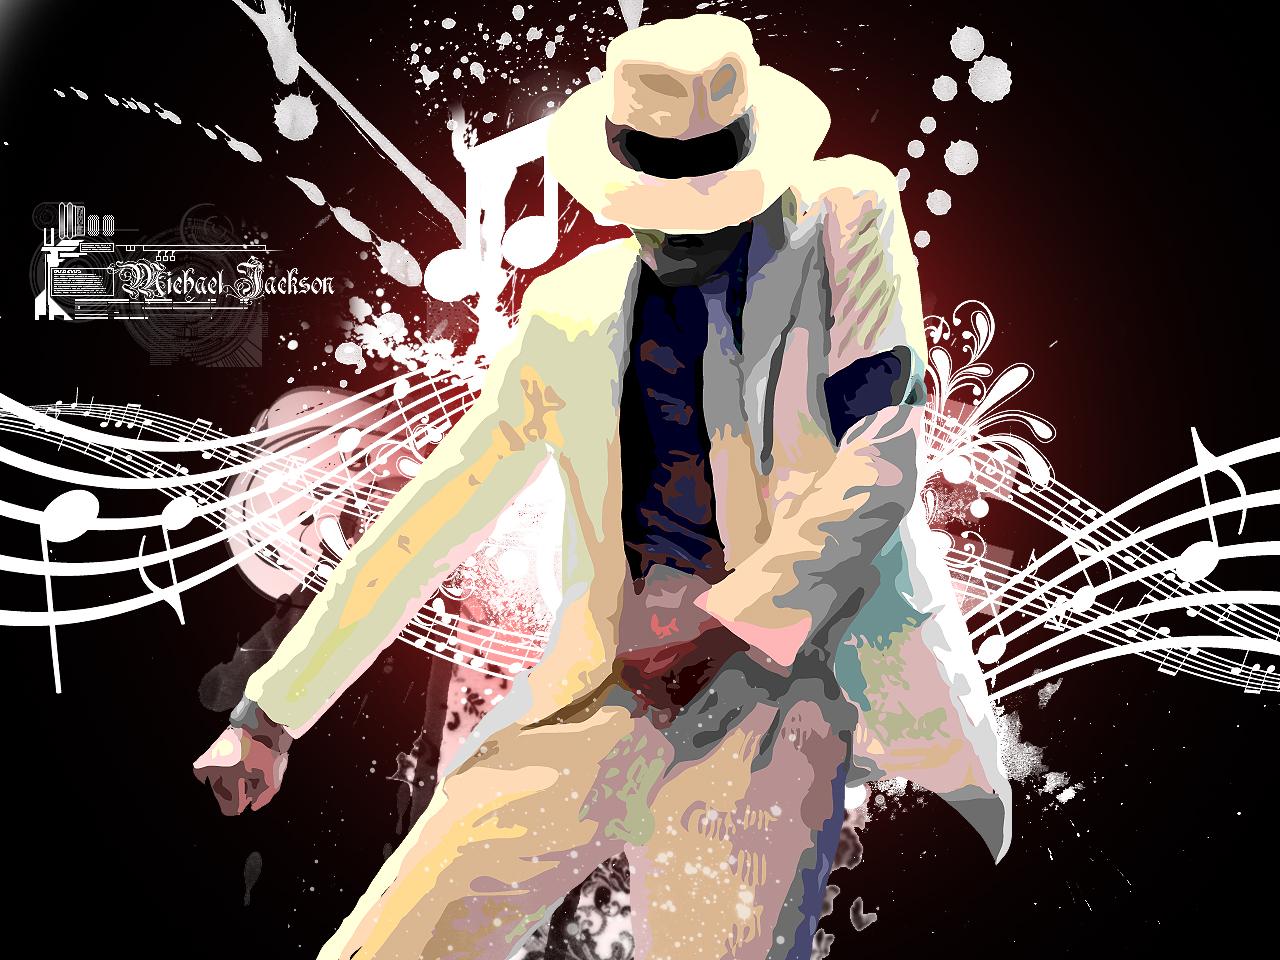 http://2.bp.blogspot.com/-3g3ha3rIdvs/T1ugta7qWPI/AAAAAAAACFU/5oYaIScqCM0/s1600/michael_jackson_rock_dance-wallpapers-252540lahari.net.jpg